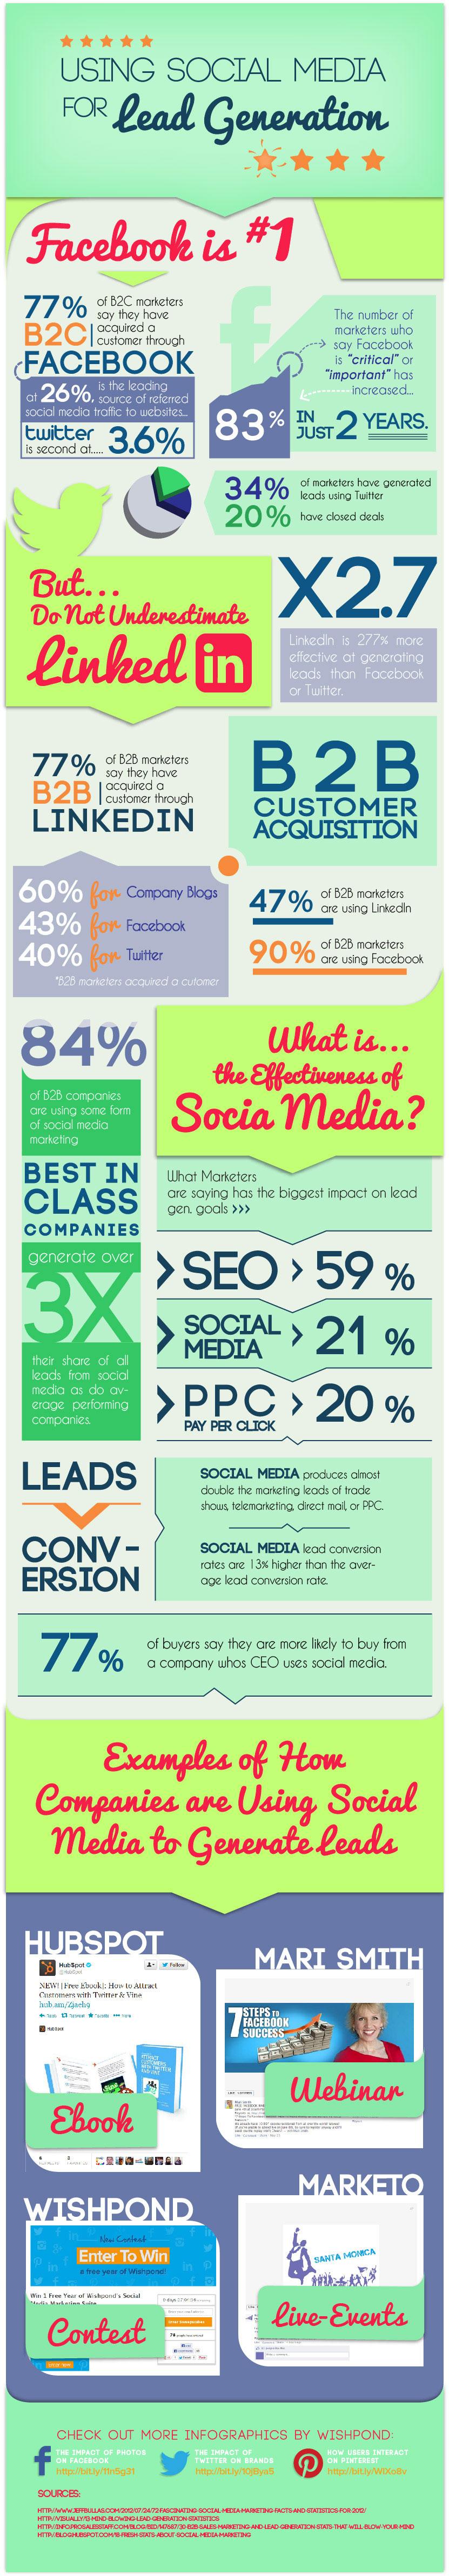 Générer du lead sur les réseaux sociaux